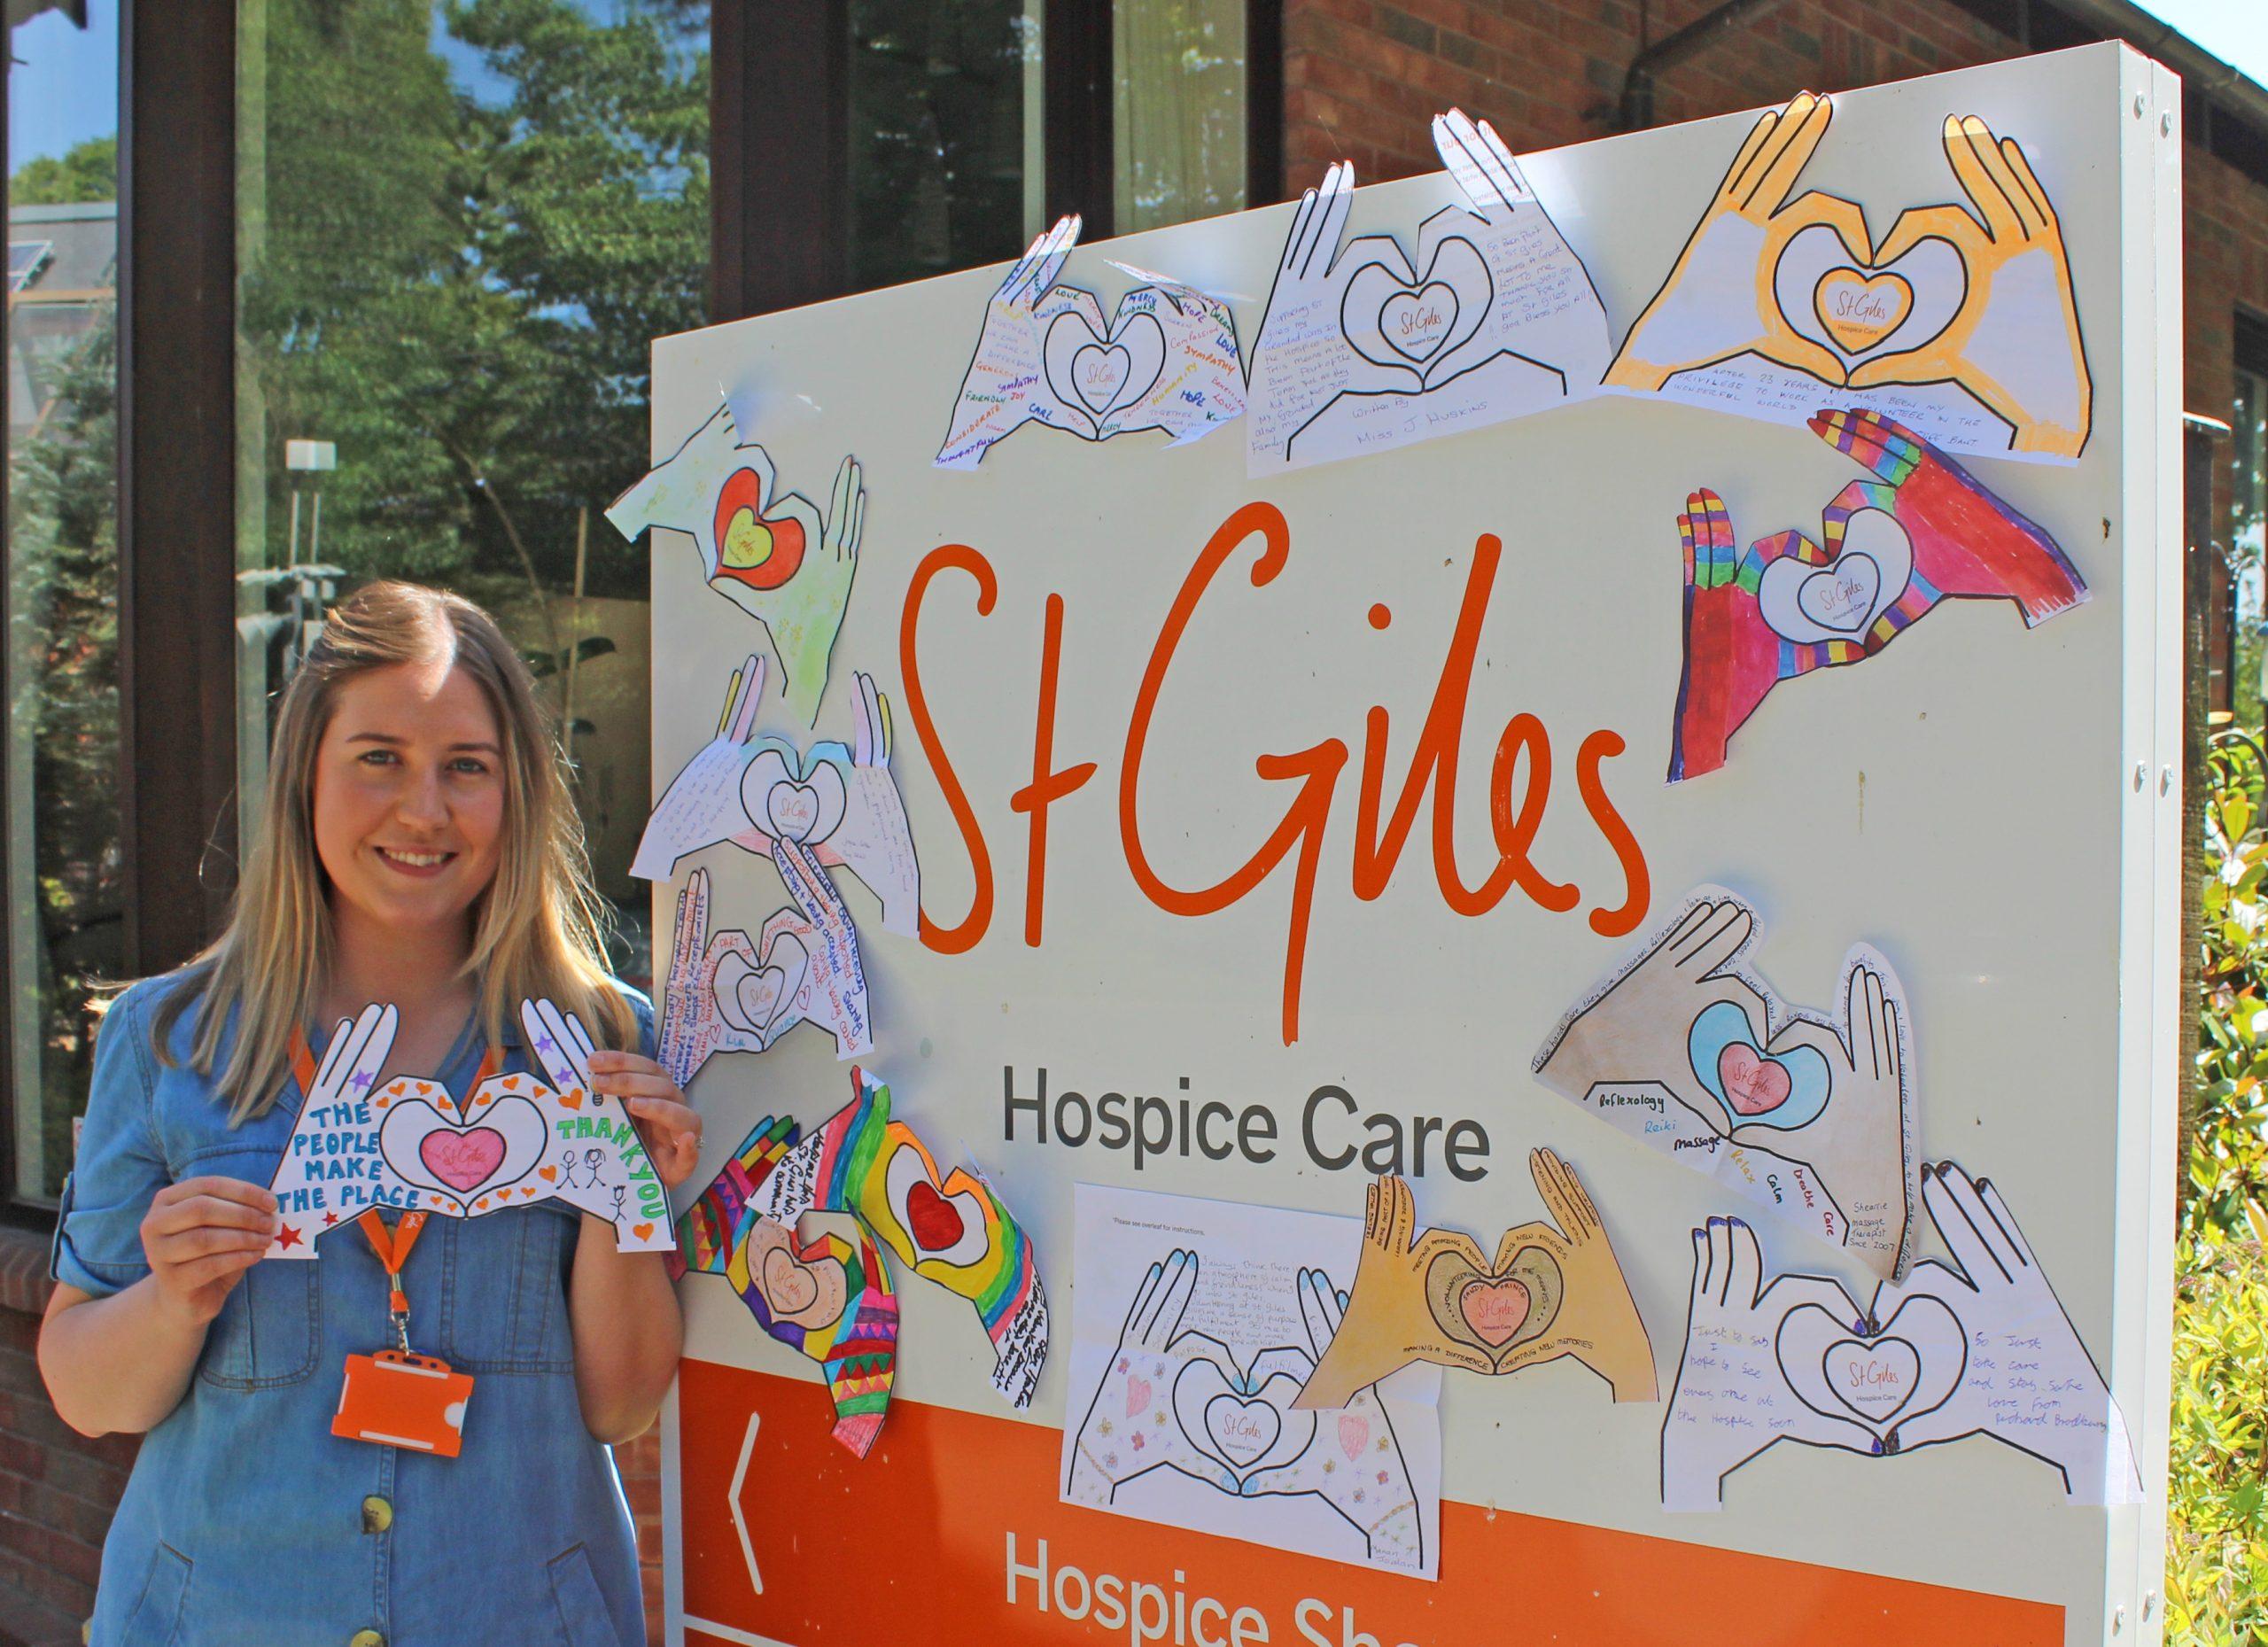 St Giles Hospice hails volunteer heroes